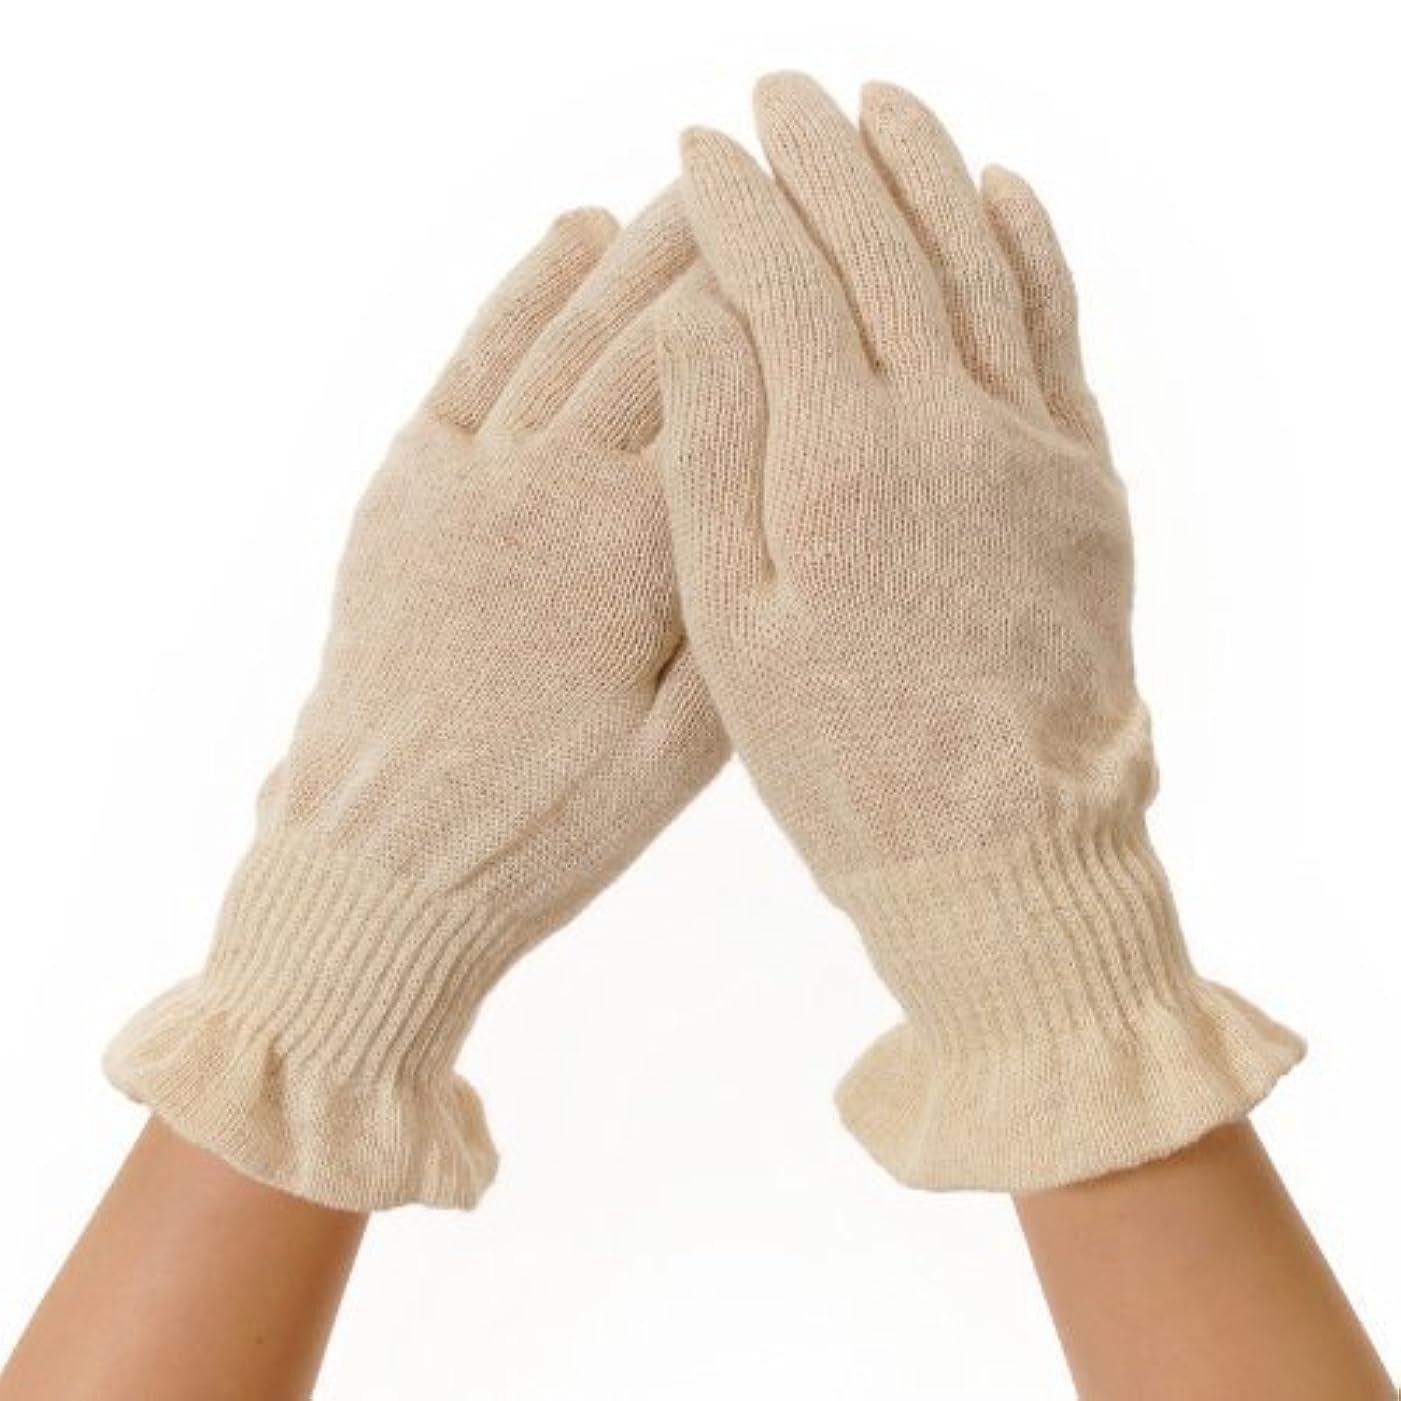 戻る会社フィード麻福 就寝用 手袋 [寝ている間に保湿で手荒れケア おやすみ手袋] 麻福特製ヘンプ糸 Sサイズ (女性ジャストフィット) きなり色 手荒れ予防